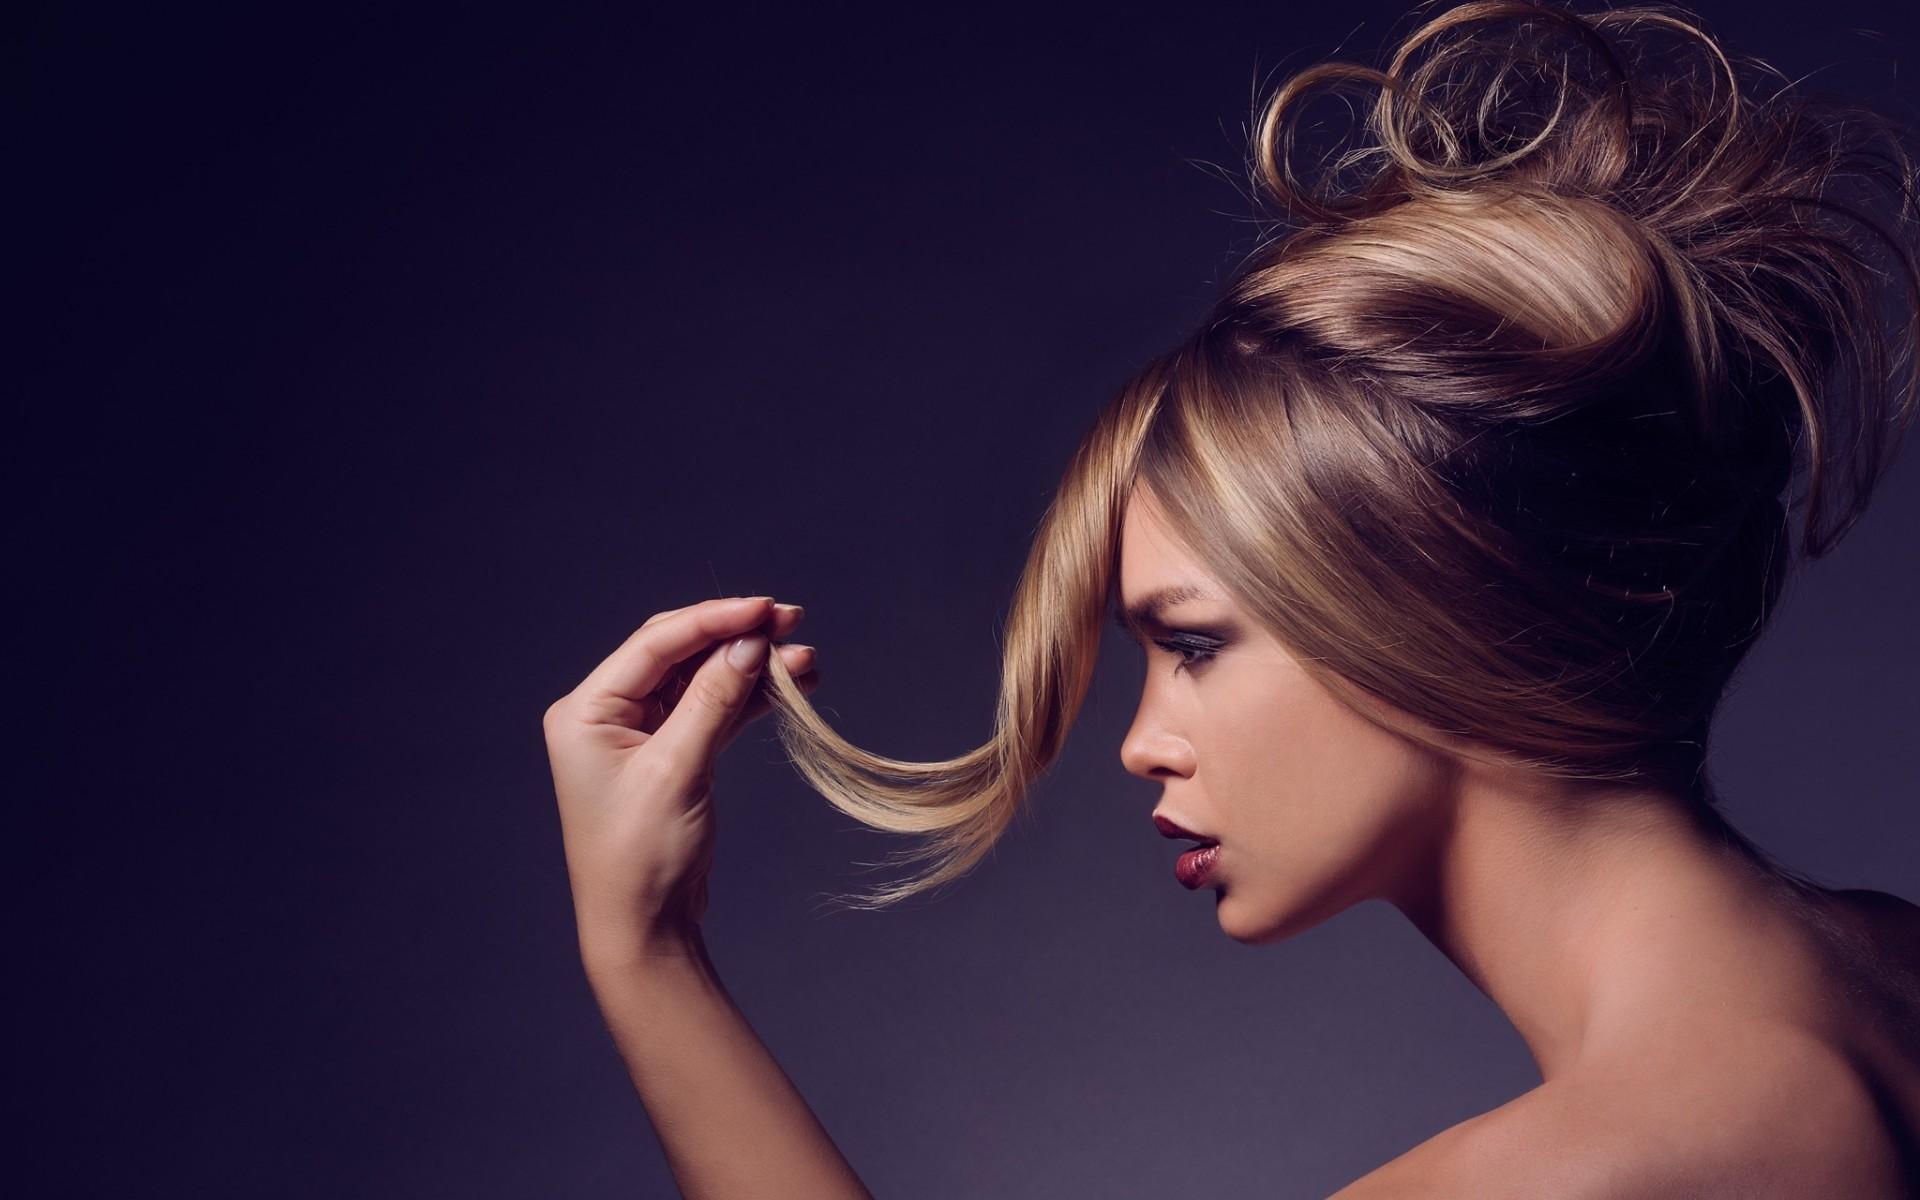 Подписать, картинки красивые волосы в хорошем качестве